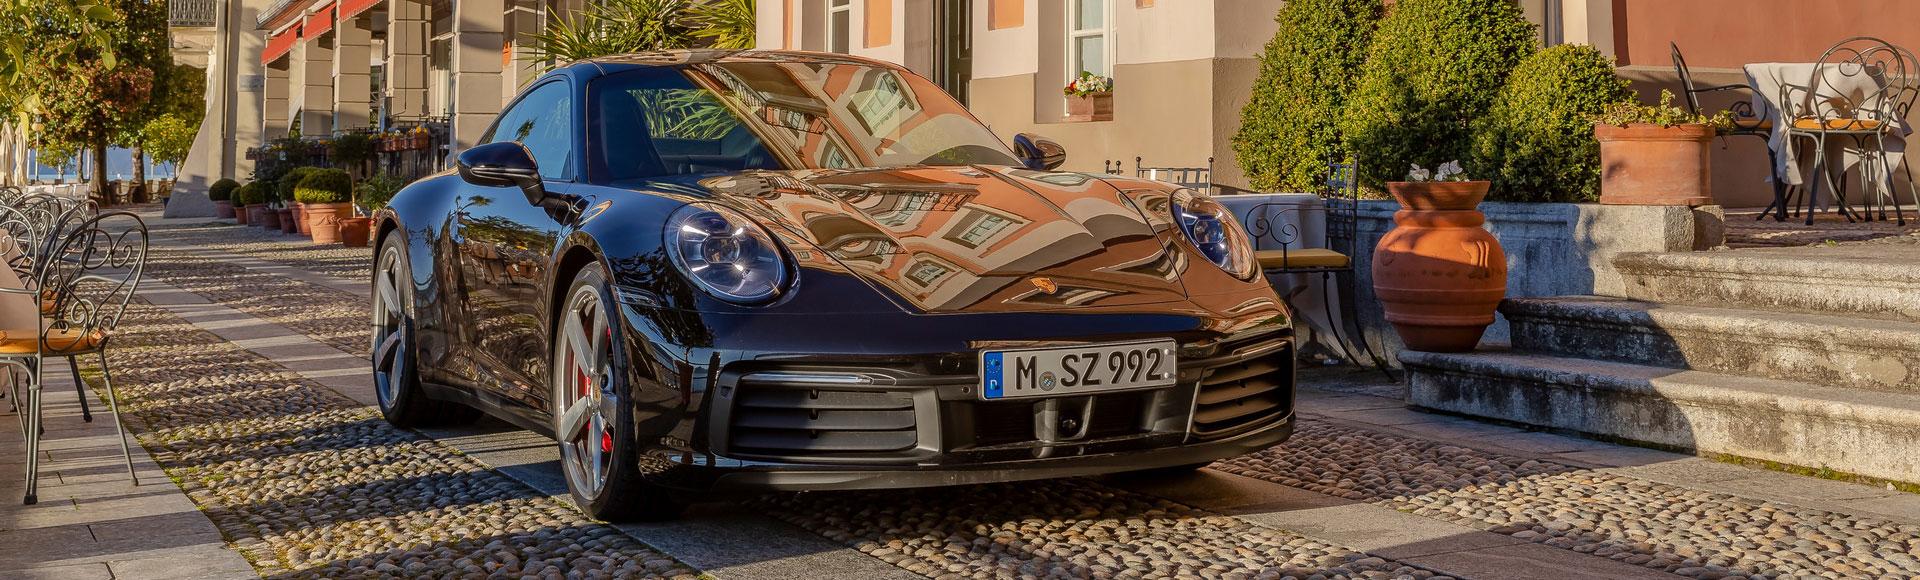 Porsche 911 992 2019 2705 Sommer